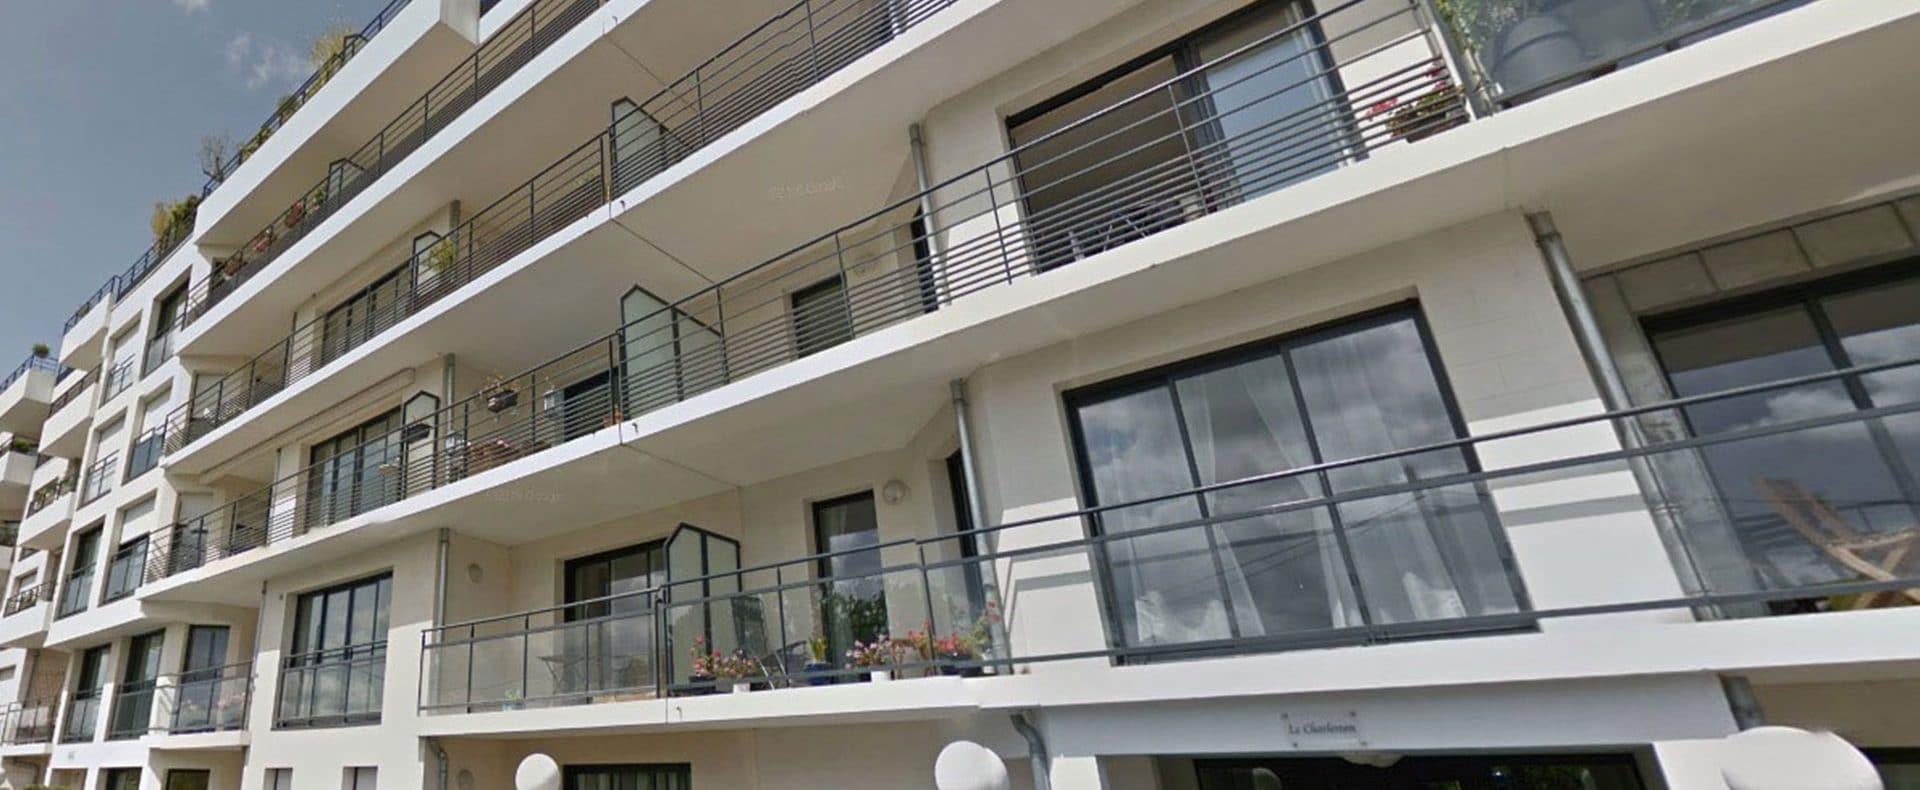 Appartement T3 dans immeuble de standing sur les bords de l'Erdre